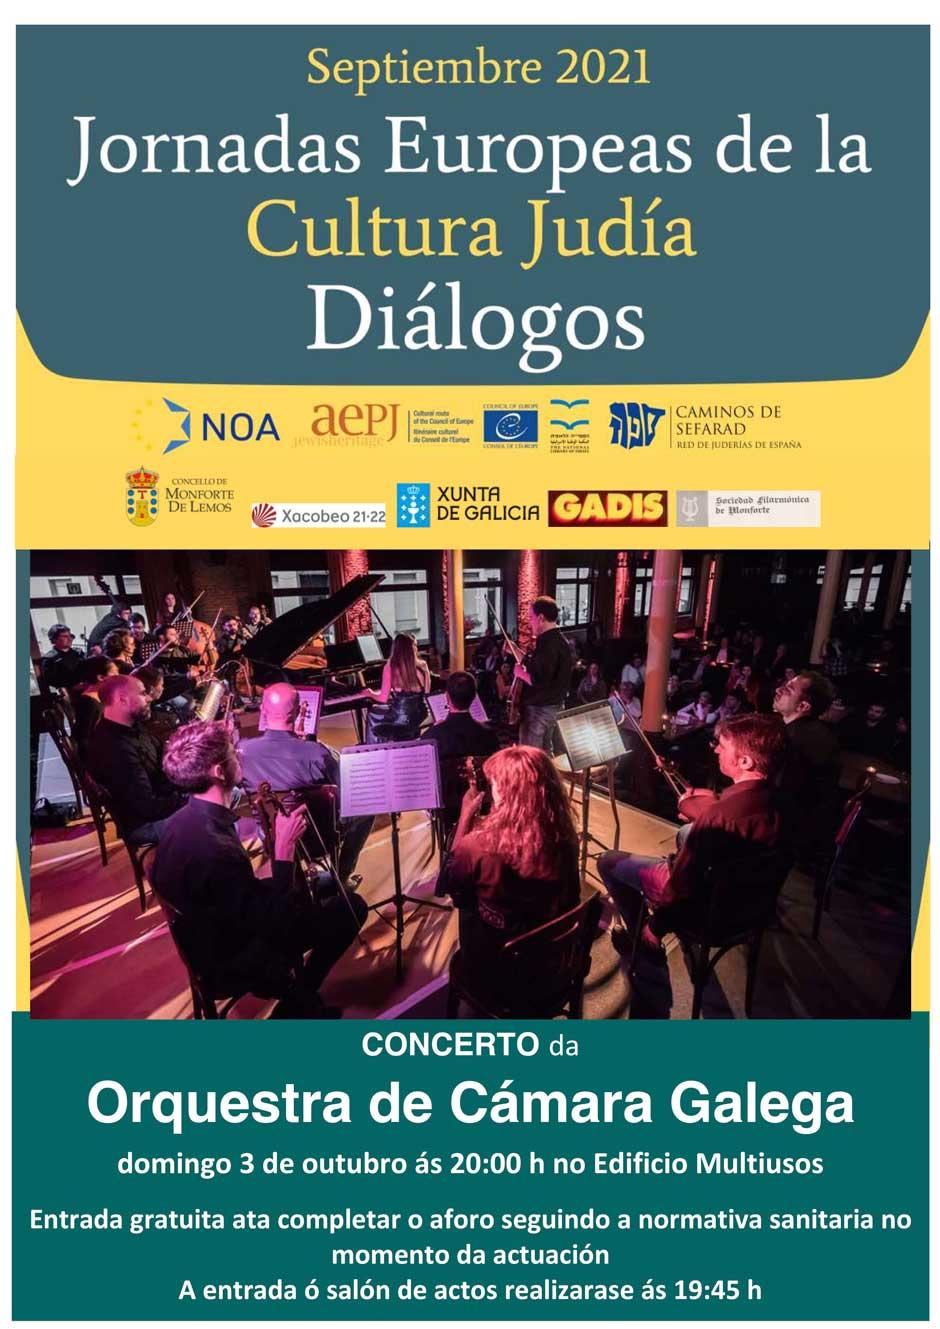 Concierto de la Orquestra de Cámara Galega | Red de Juderías de España Caminos de Sefarad